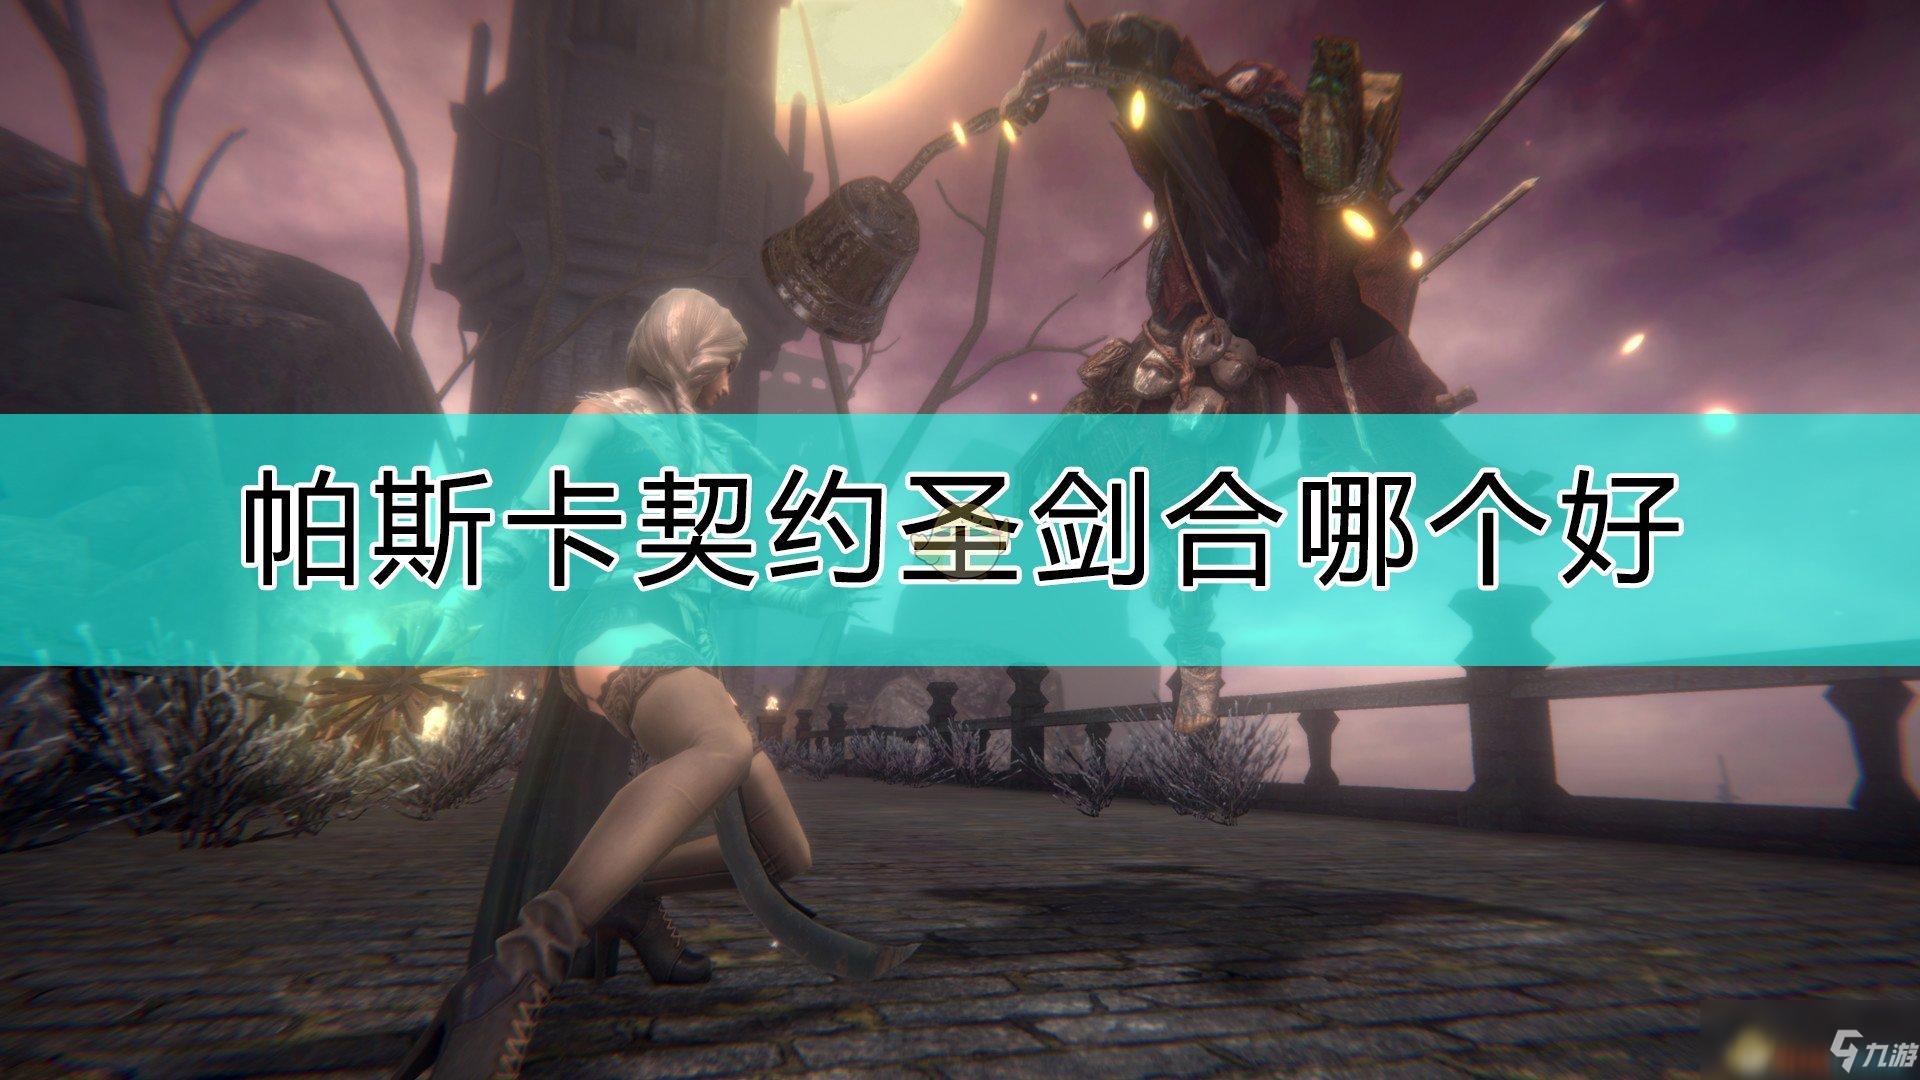 《帕斯卡契约:终极版》圣剑合成哪个好 圣剑合成推荐